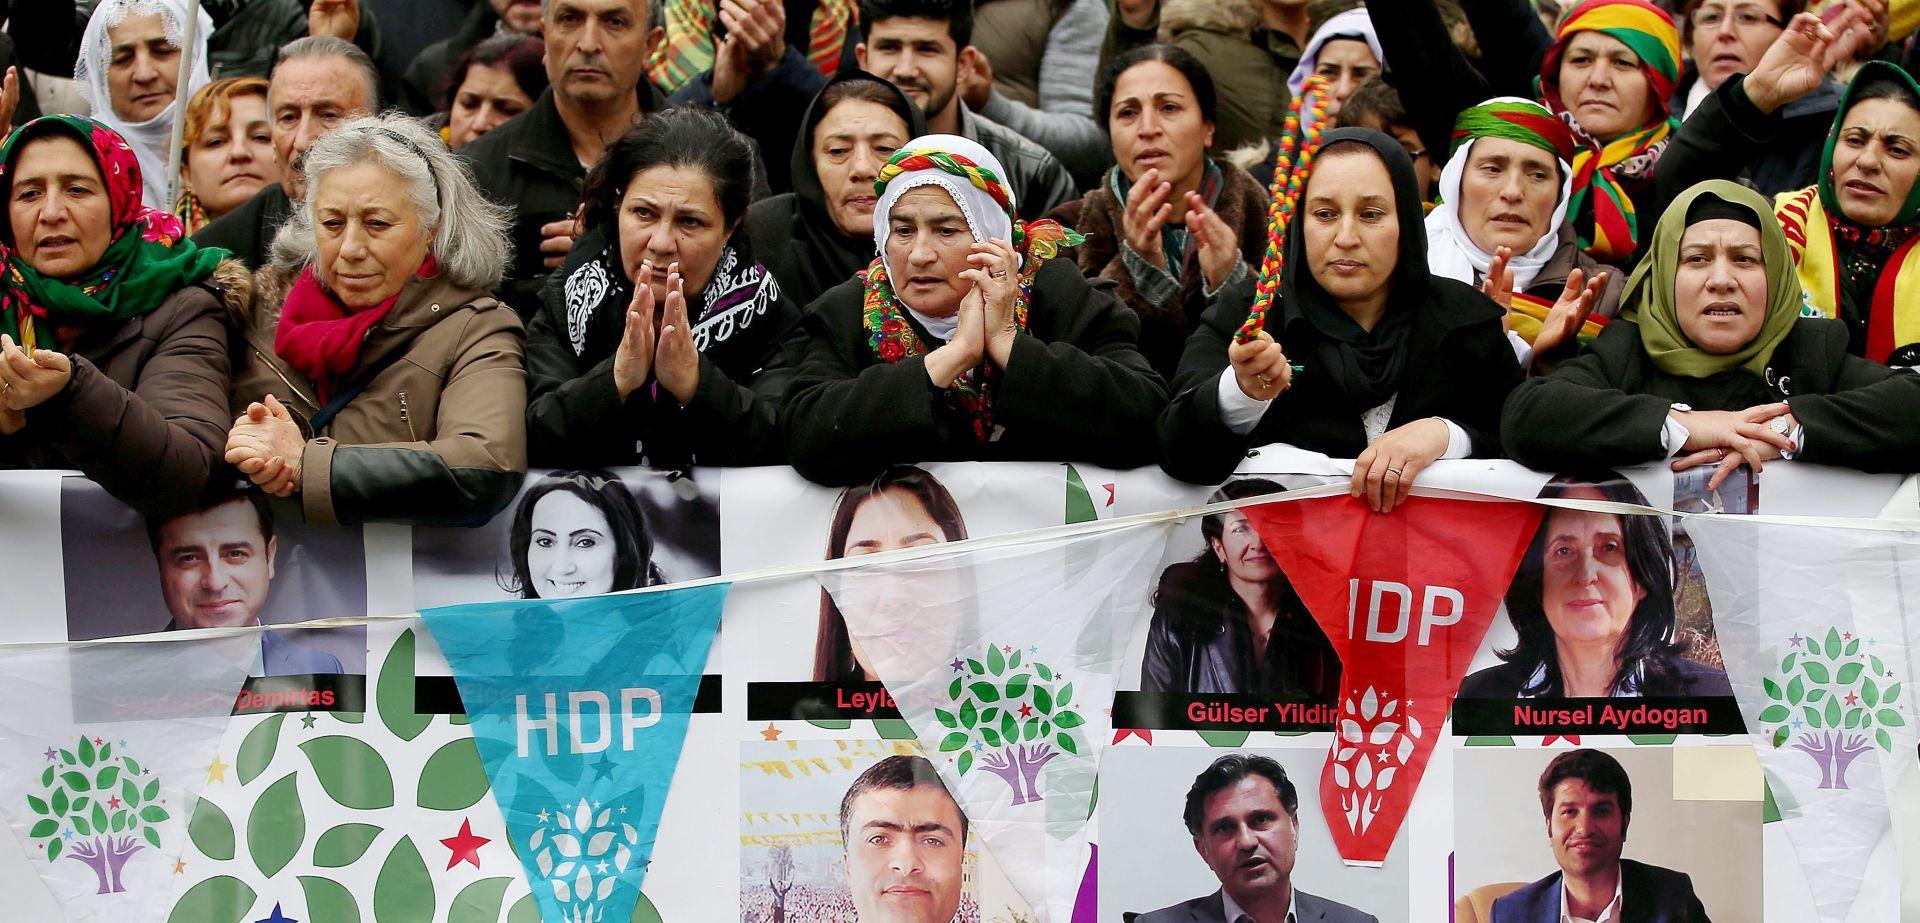 TURSKA Više od 100 uhićenih u operaciji protiv pripadnika prokurdske stranke HDP